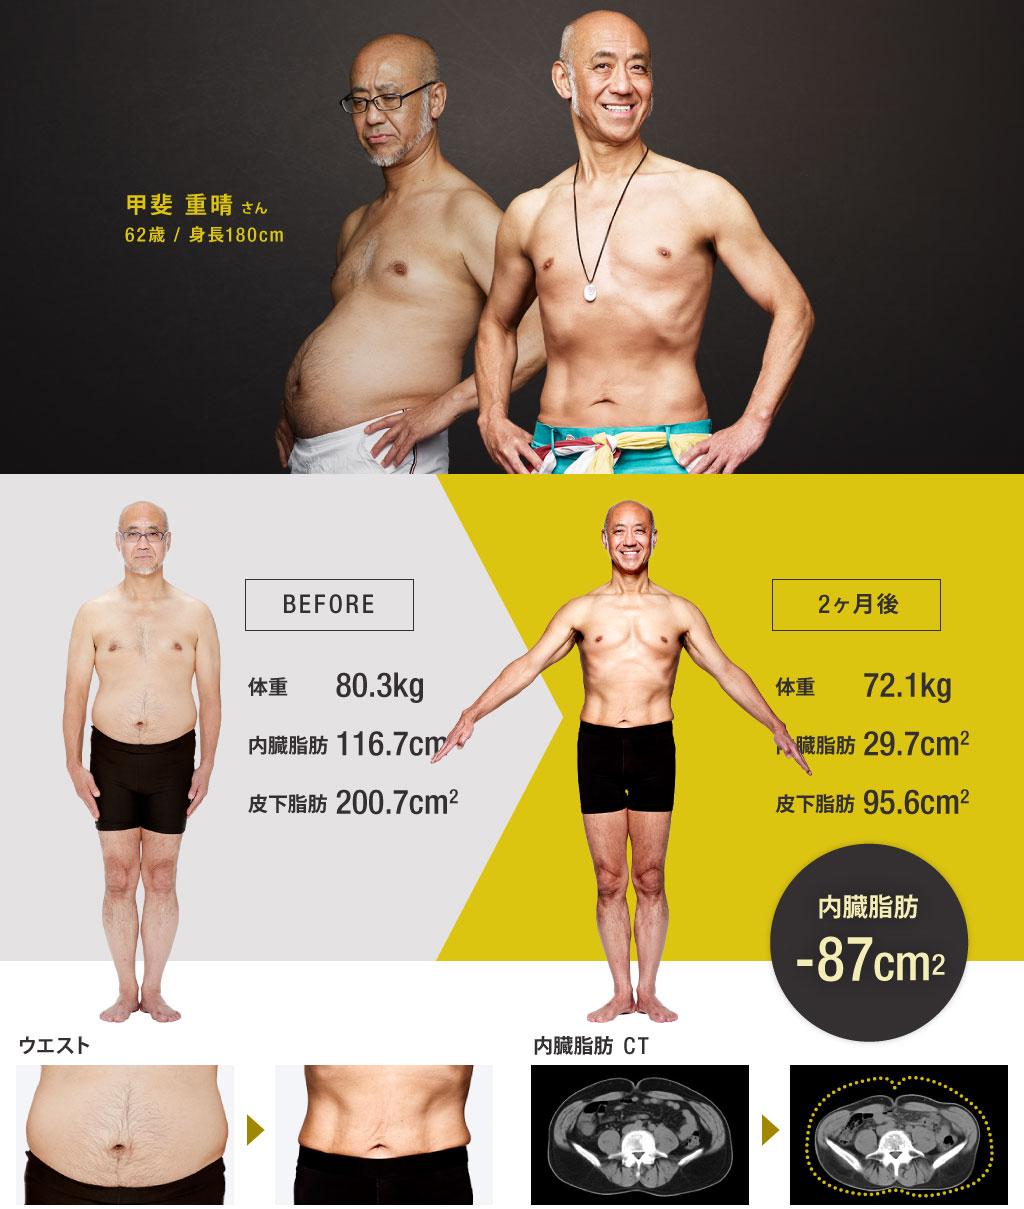 甲斐重晴さん・62歳・180cm